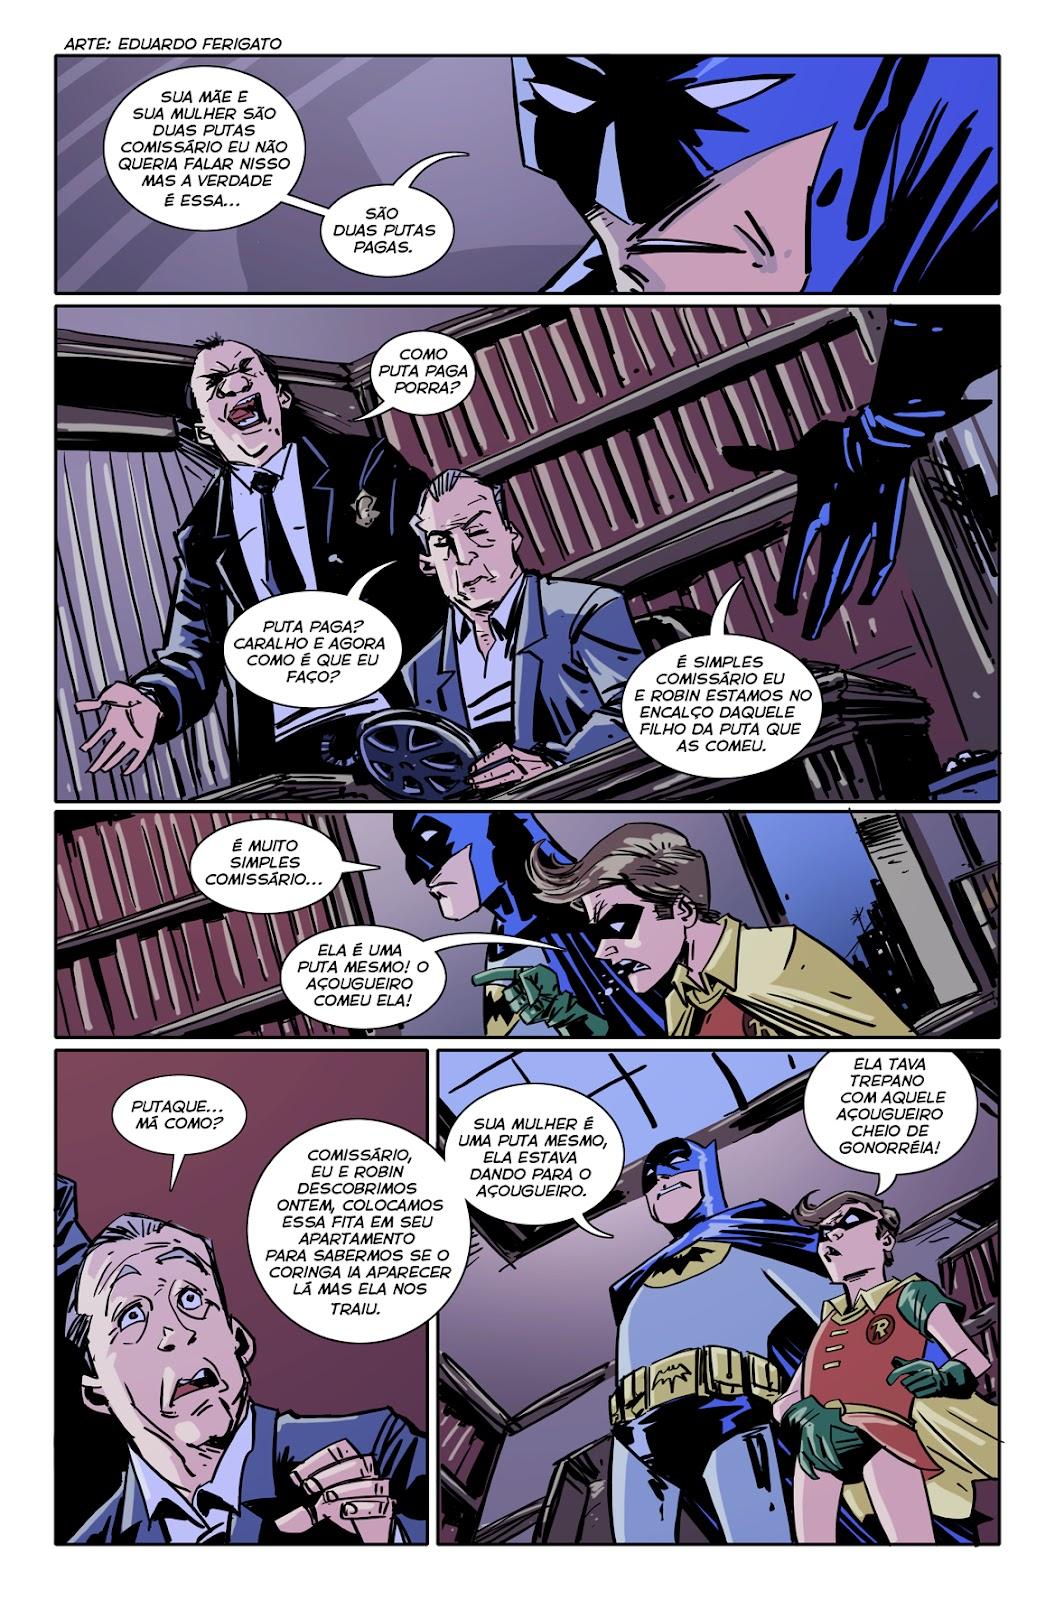 [Tópico Oficial] Batman na Feira da Fruta em Quadrinhos Feira+da+fruta+fruta+4